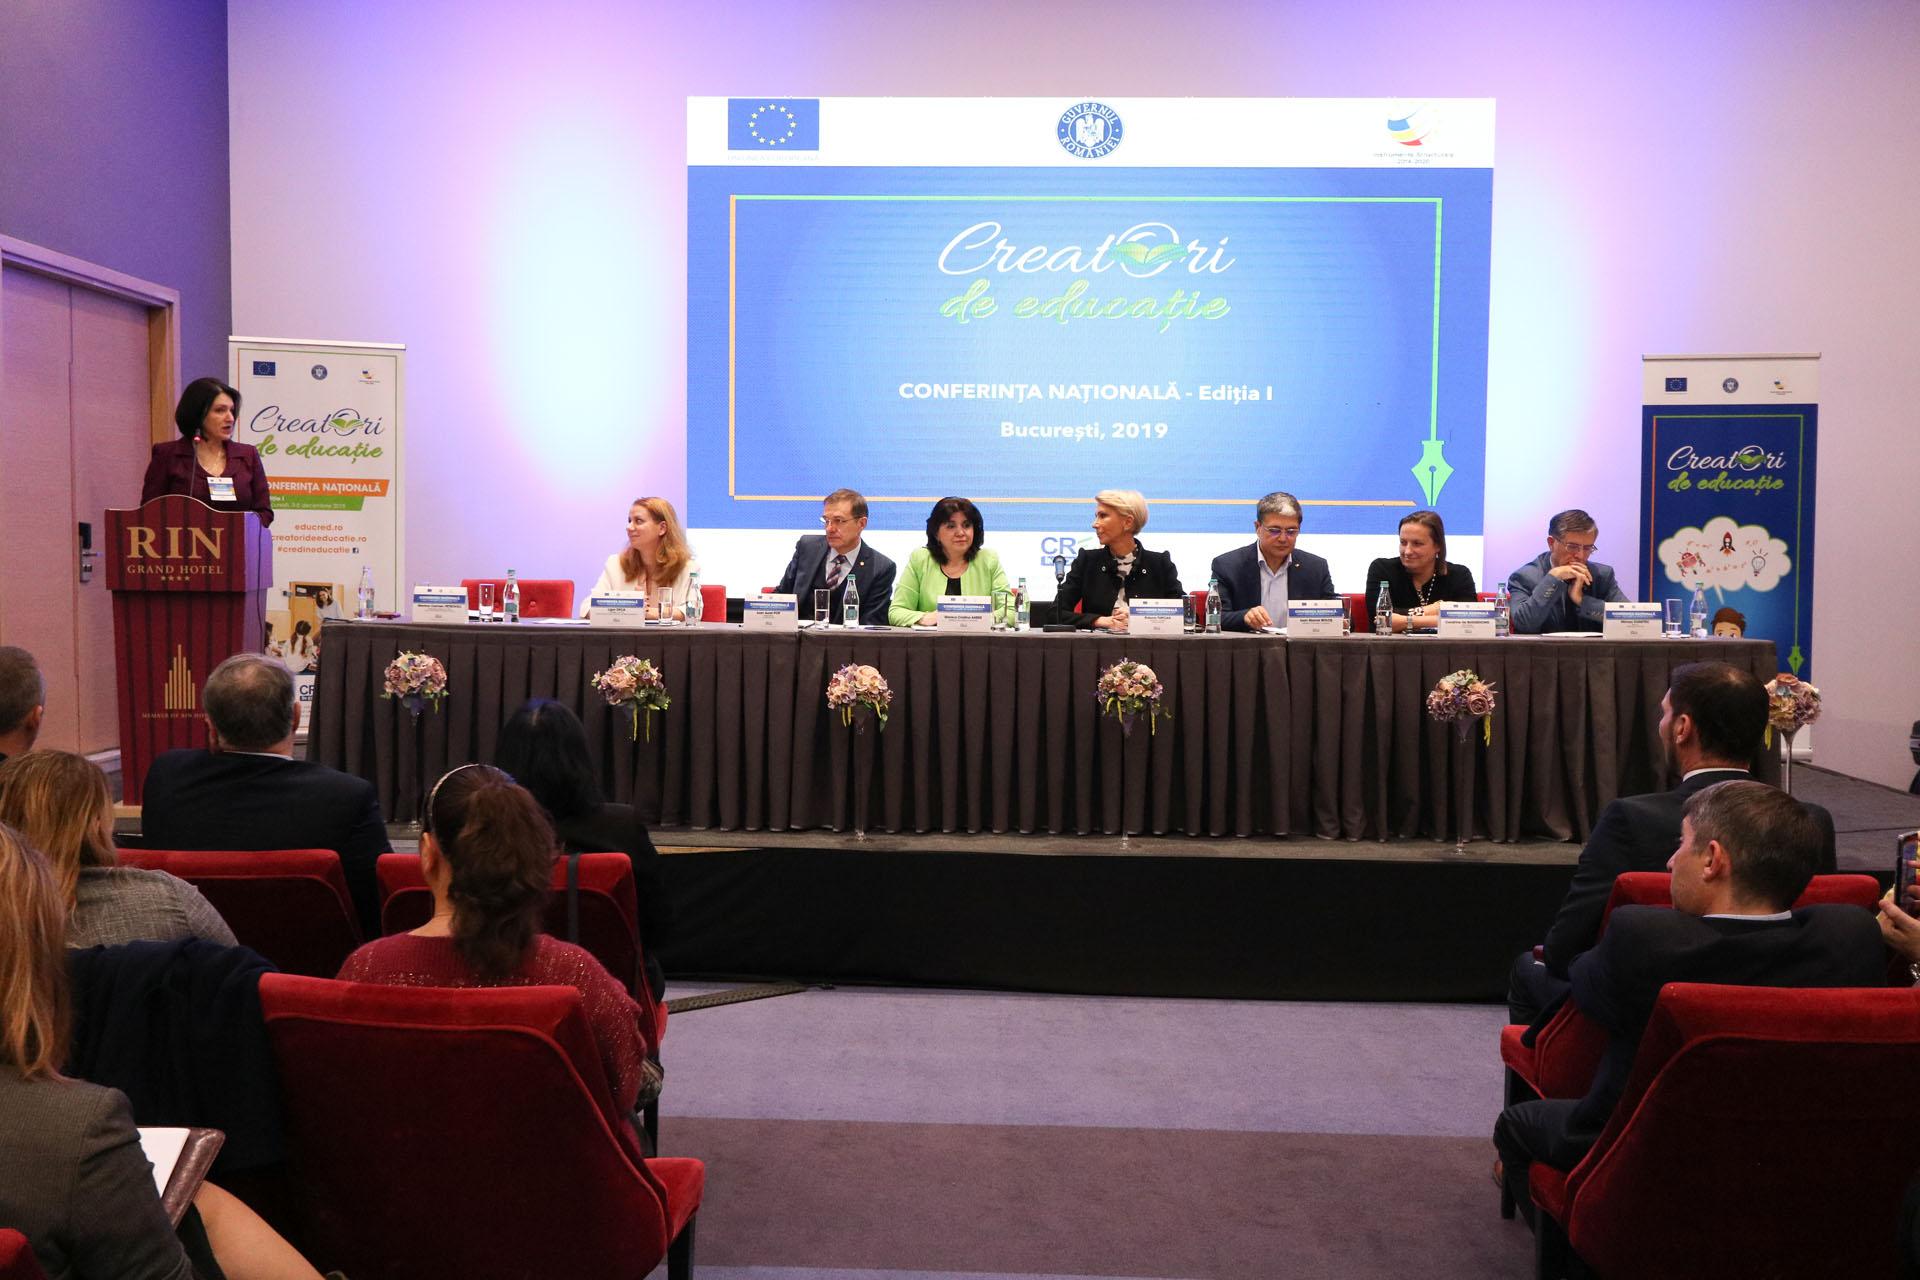 """Conferința națională """"Creatori de educație 2019"""" și gala de premiere a selecției naționale de bune practici"""